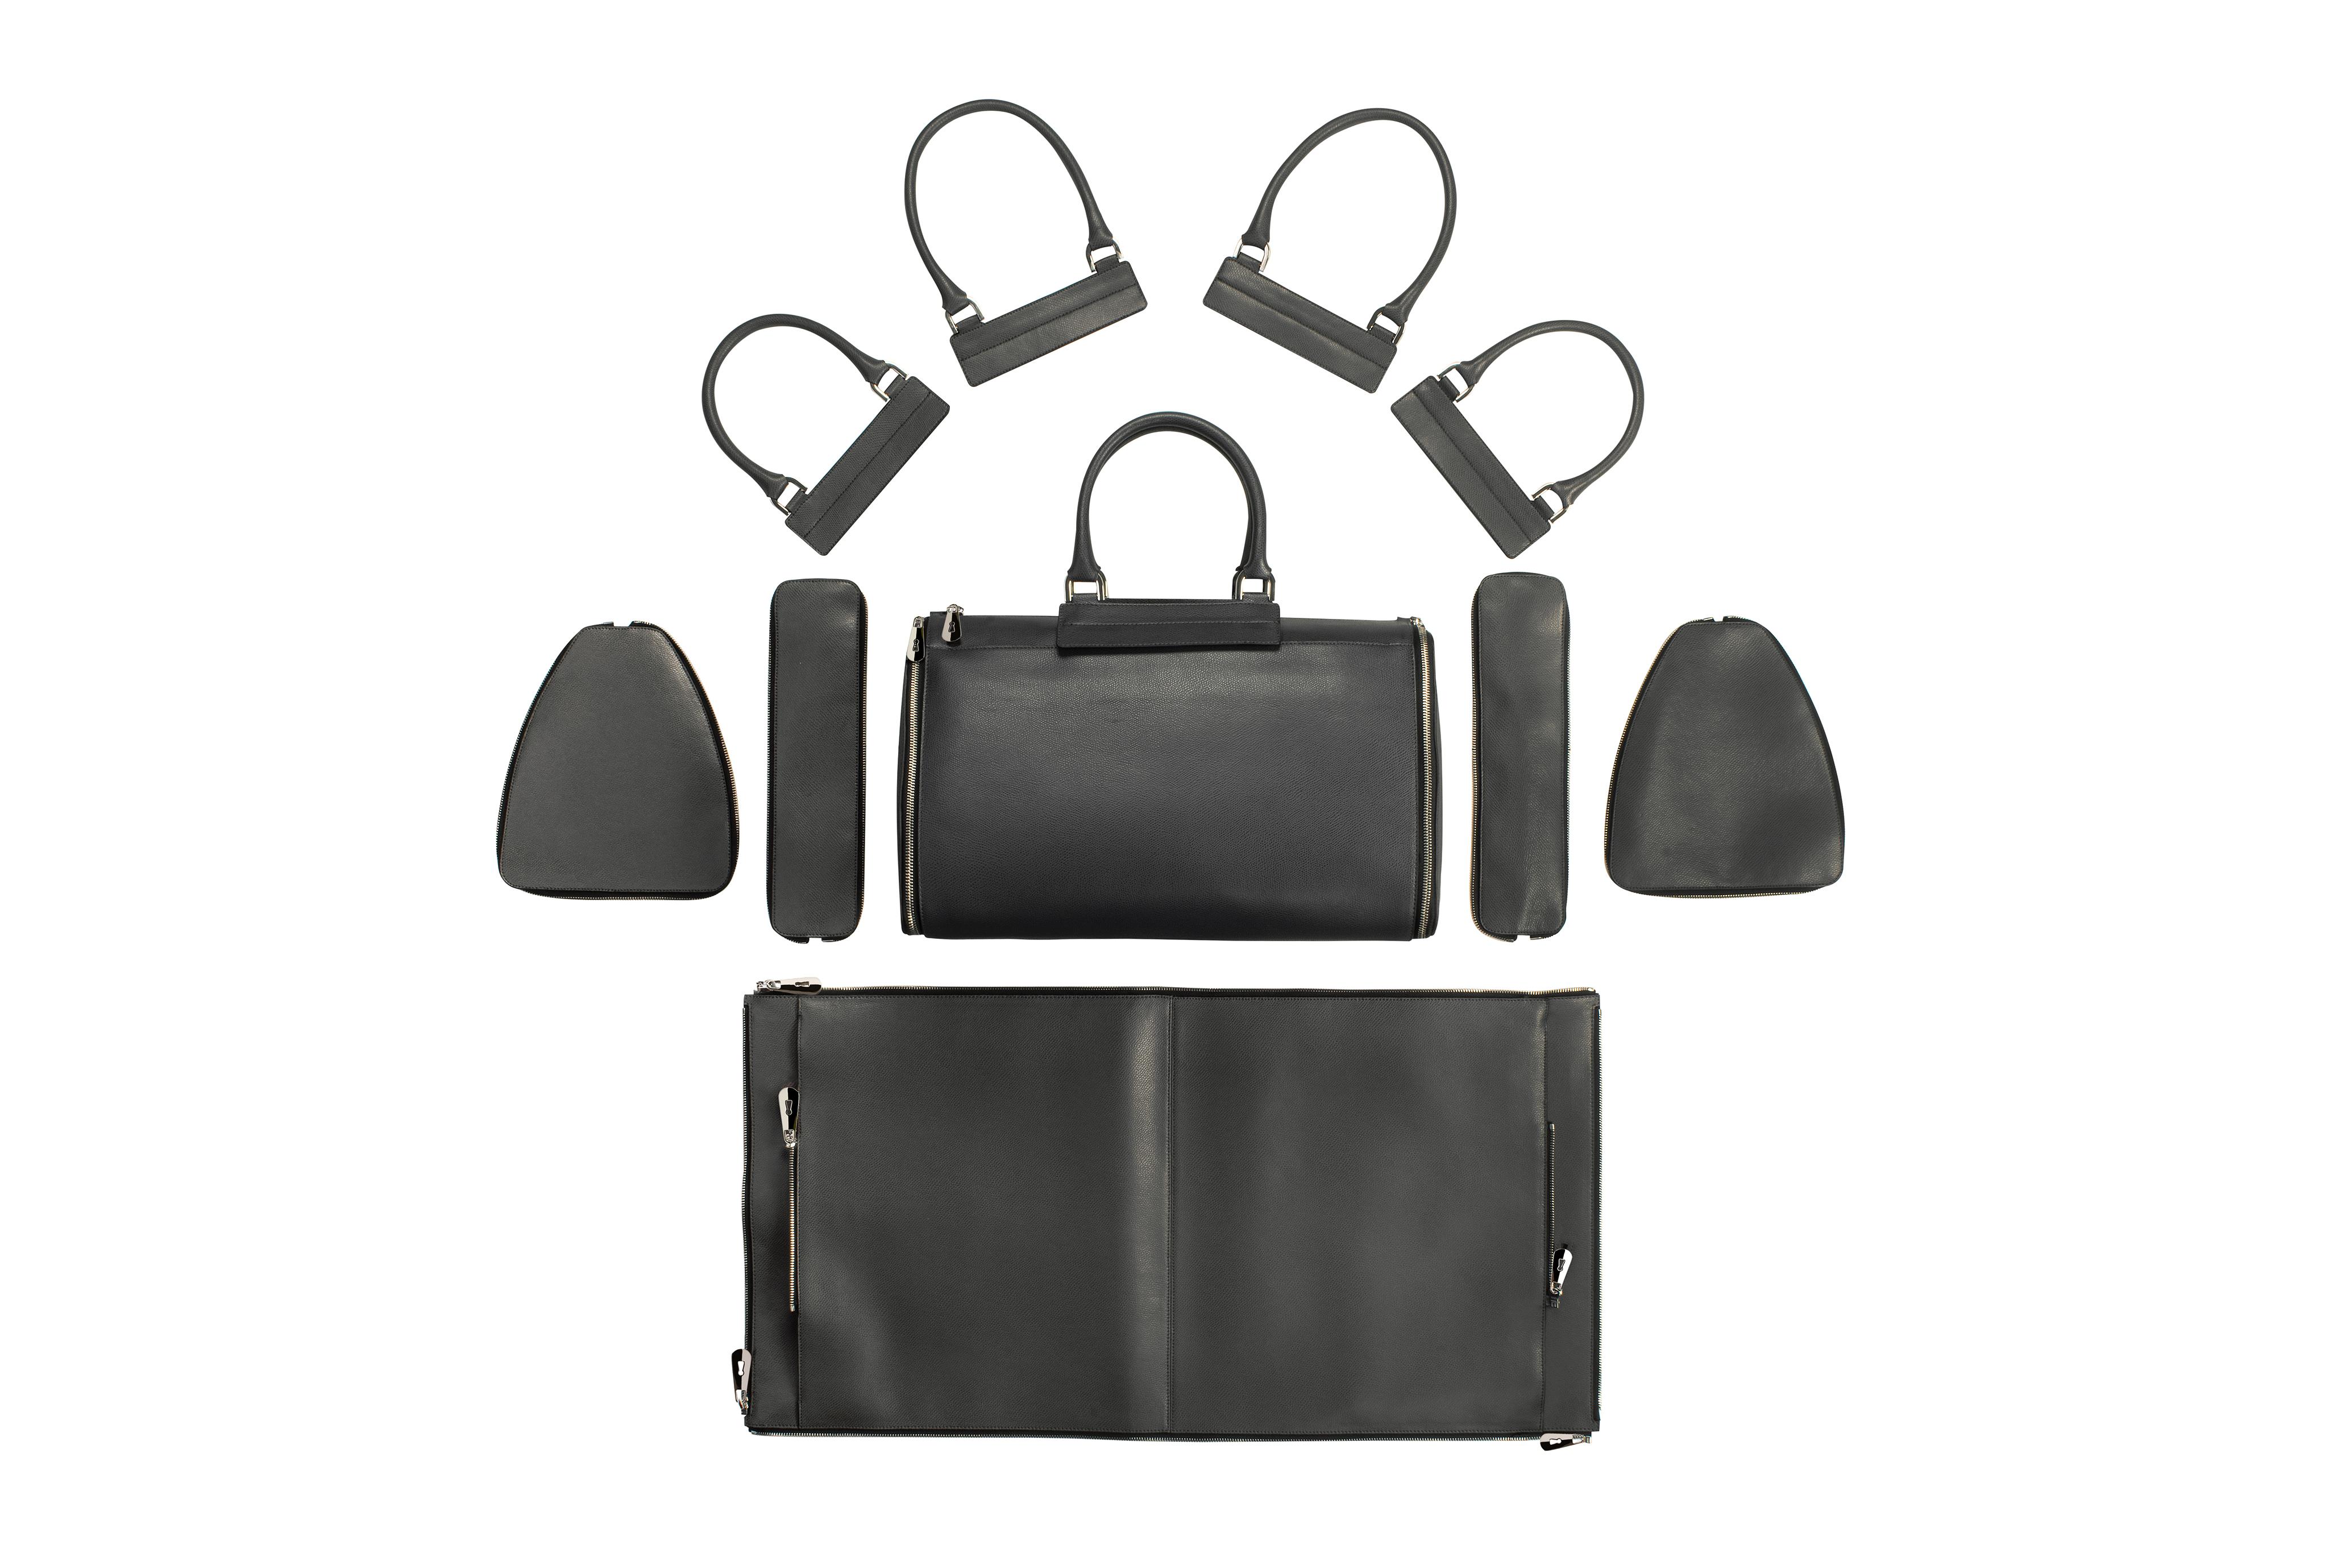 Furla e la borsa componibile per uomini viaggiatori